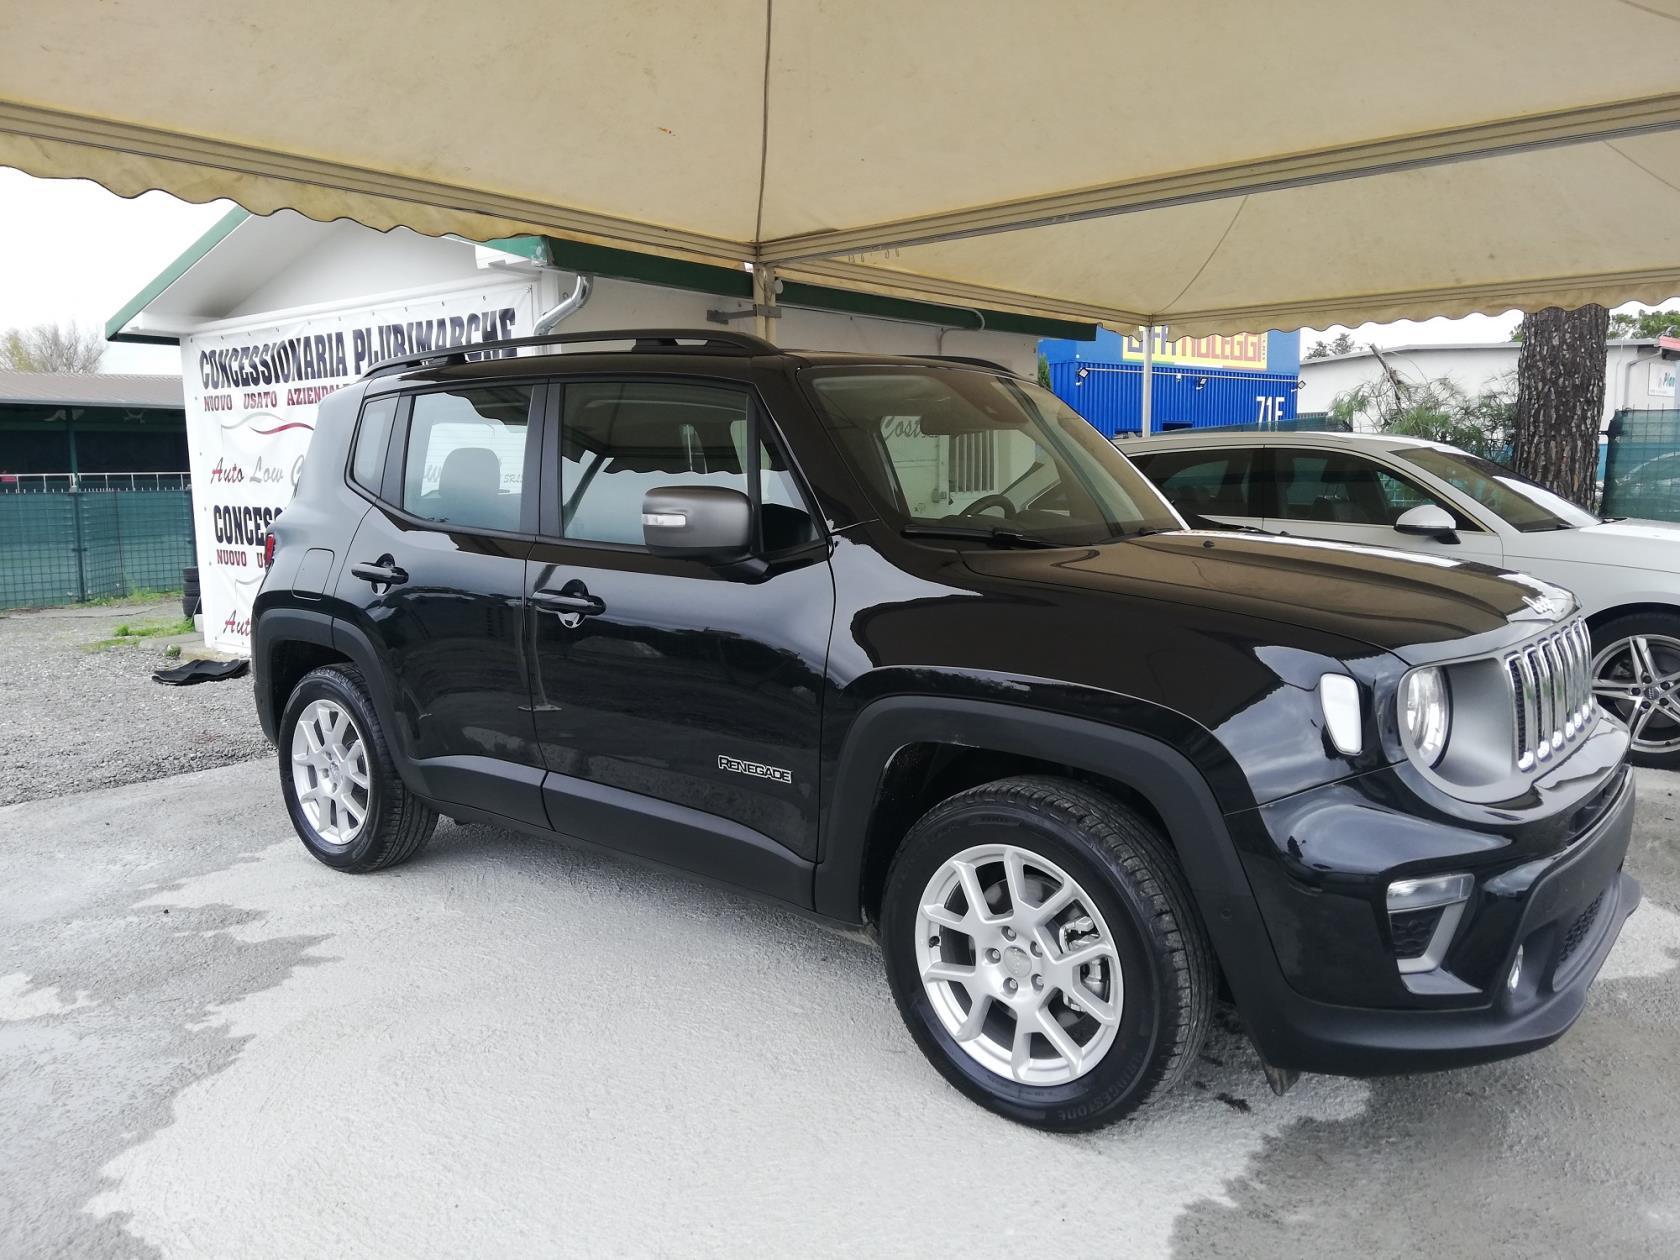 auto nuove in vendita Viterbo